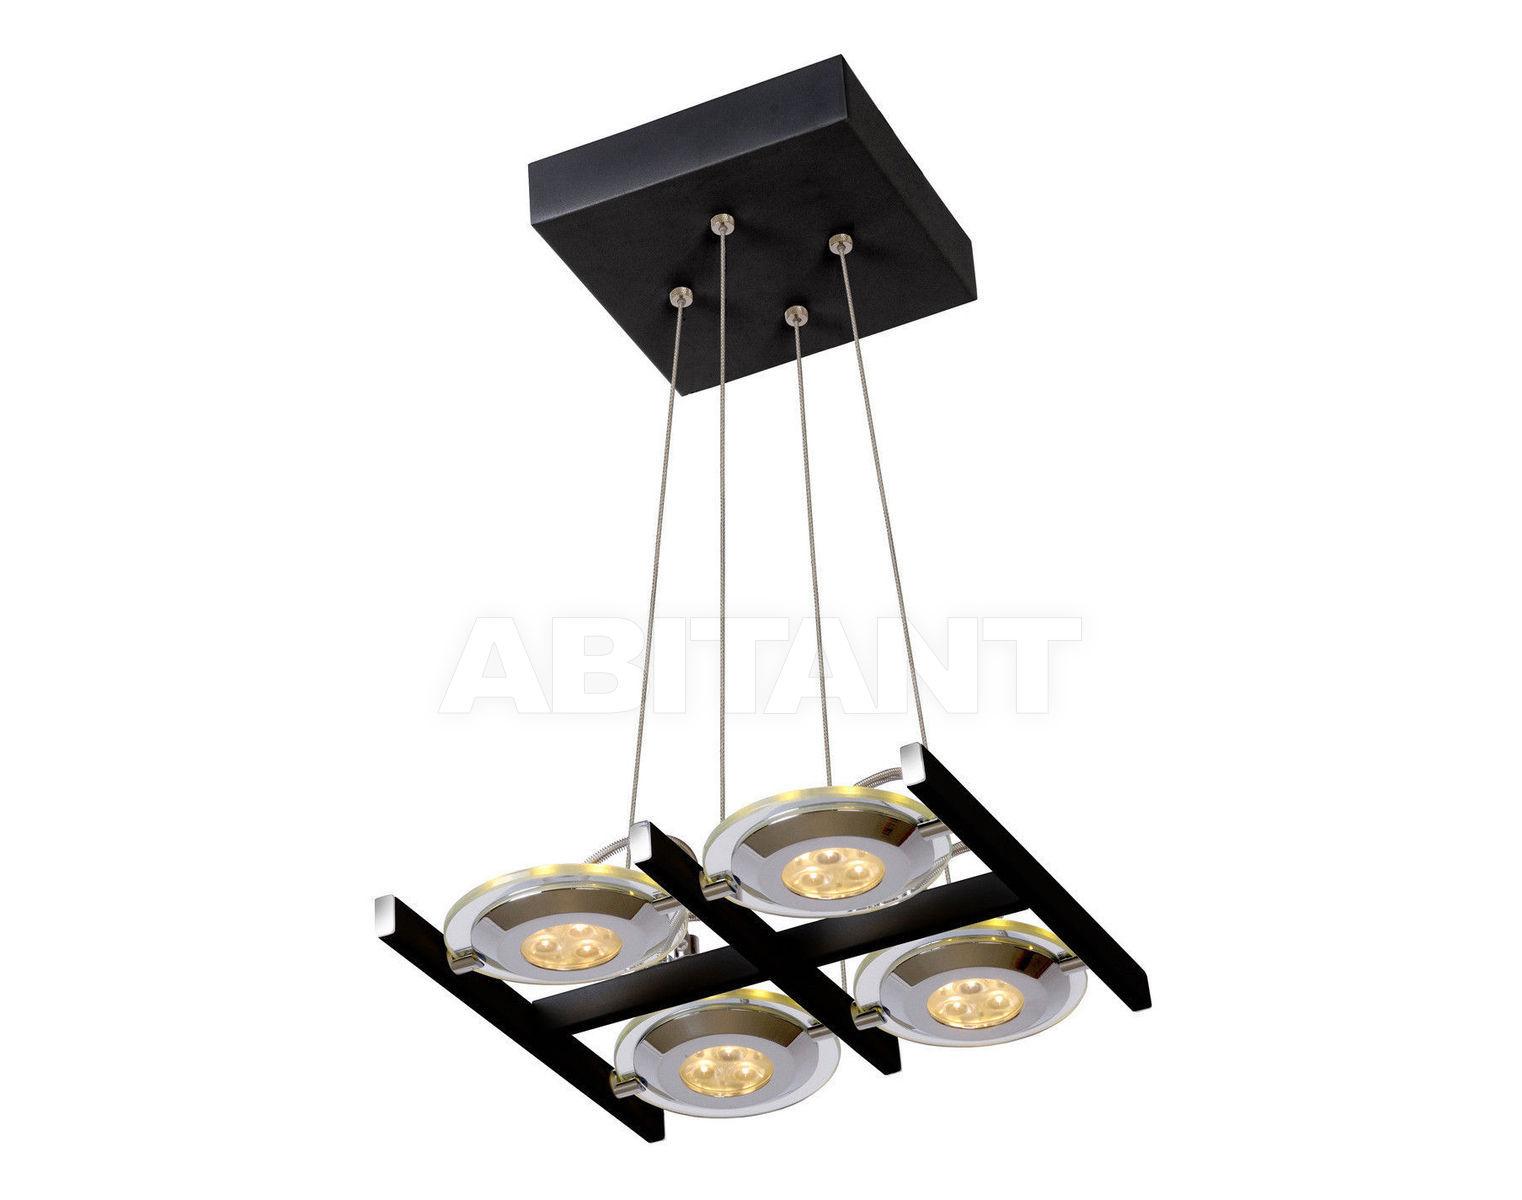 Купить Светильник-спот UFO LED Lucide  Technical 12478/24/30